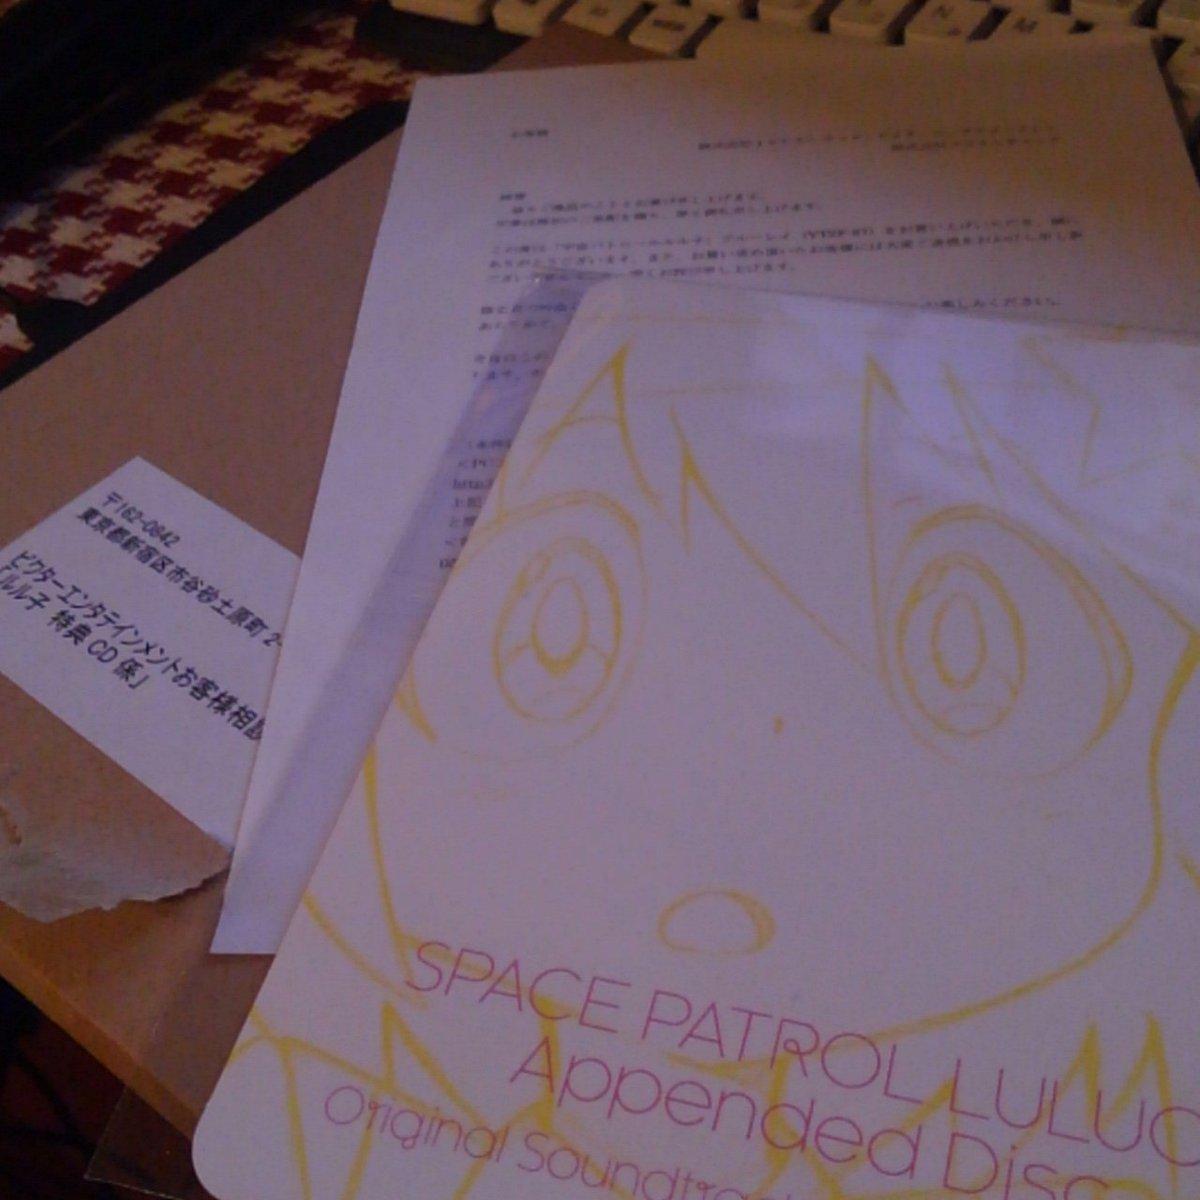 交換をお願いしていた宇宙パトロールルル子の特典CDが届いたよ〜(ノ)・ω・(ヾ)